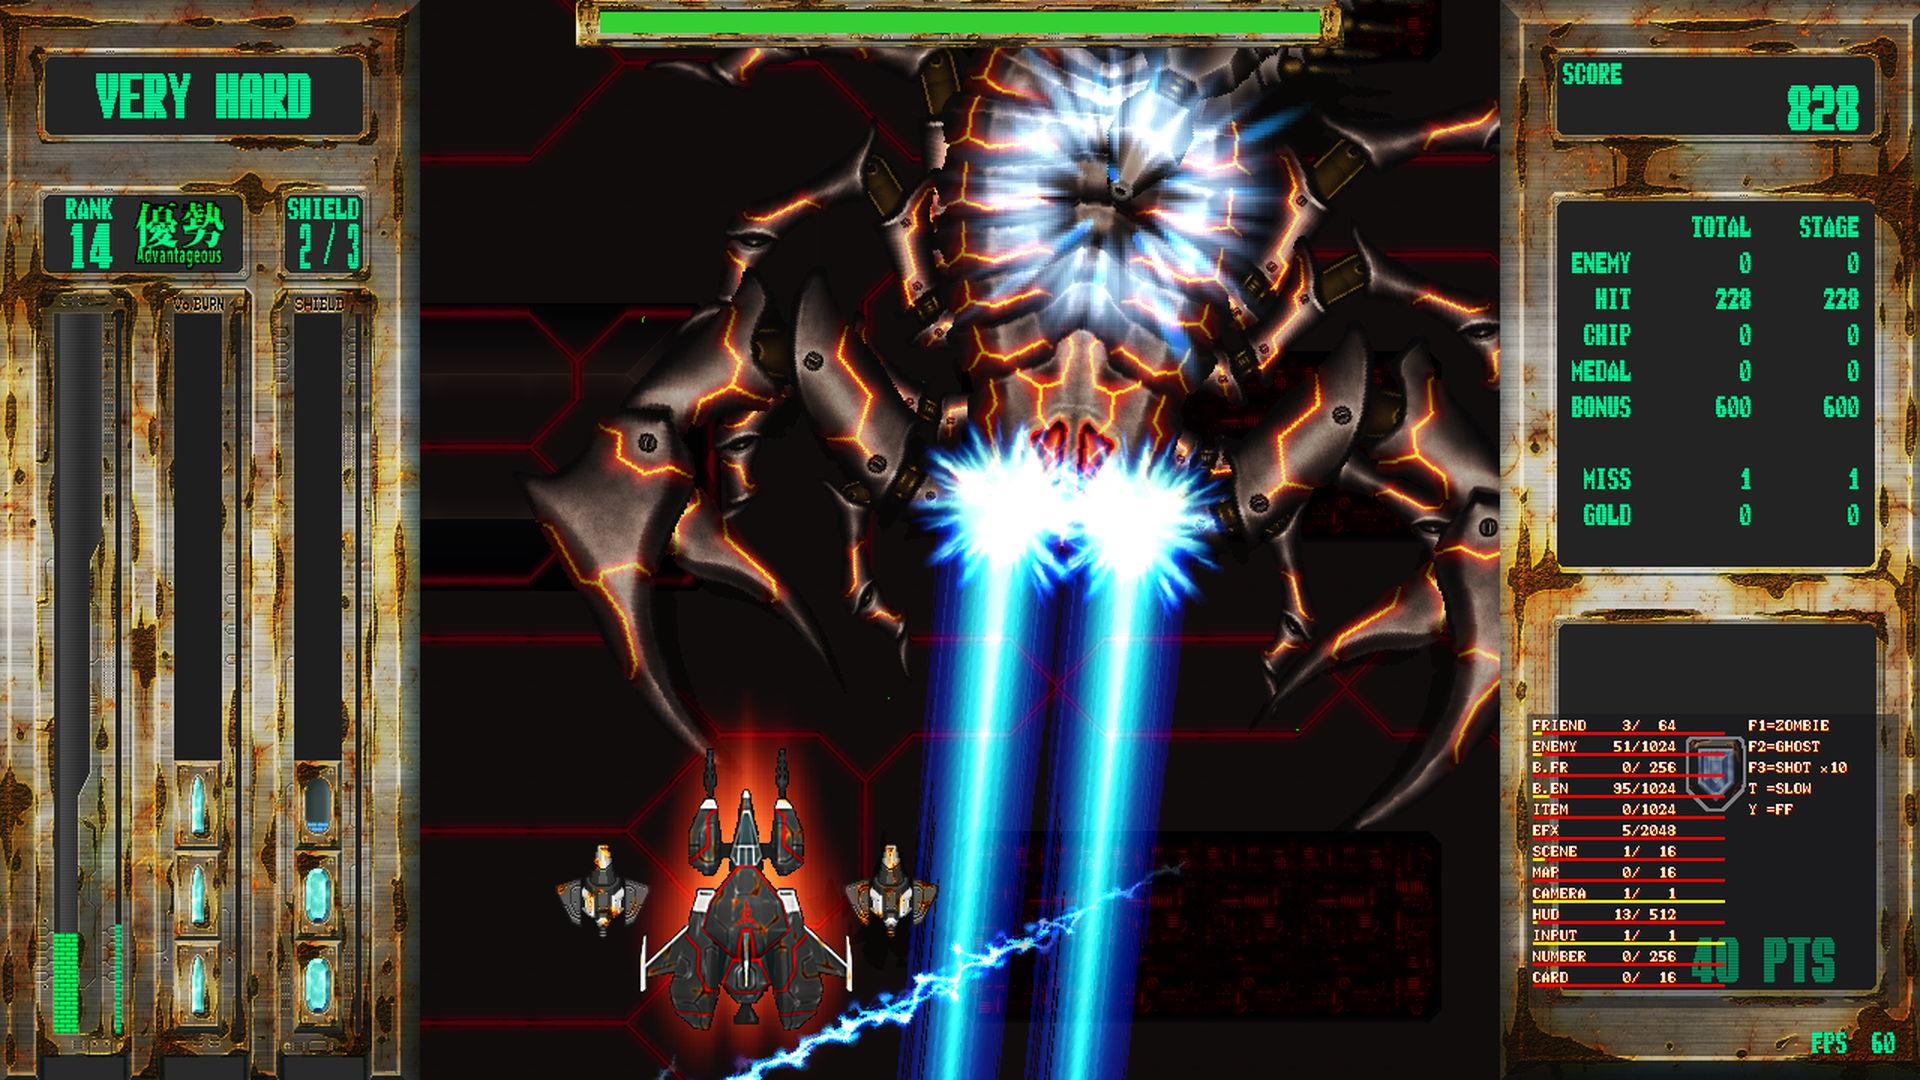 Game Fix / Crack: Steel Vampire v1 0 All No-DVD [DARKSIDERS] NoDVD